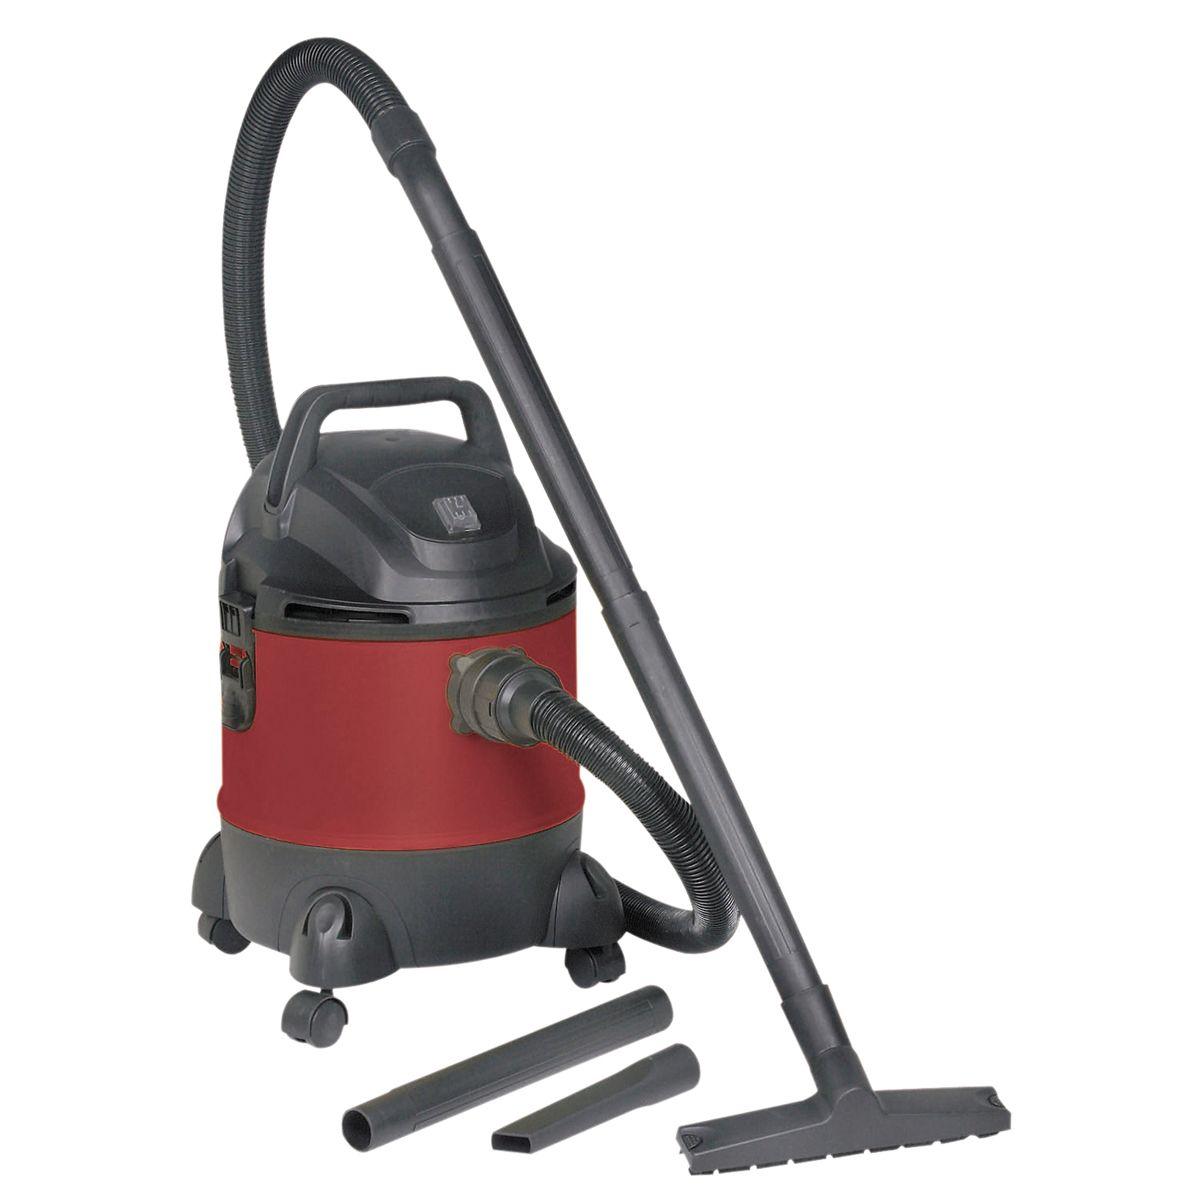 Wet/Dry Shop Vacuum & Blower - 5 Gallon